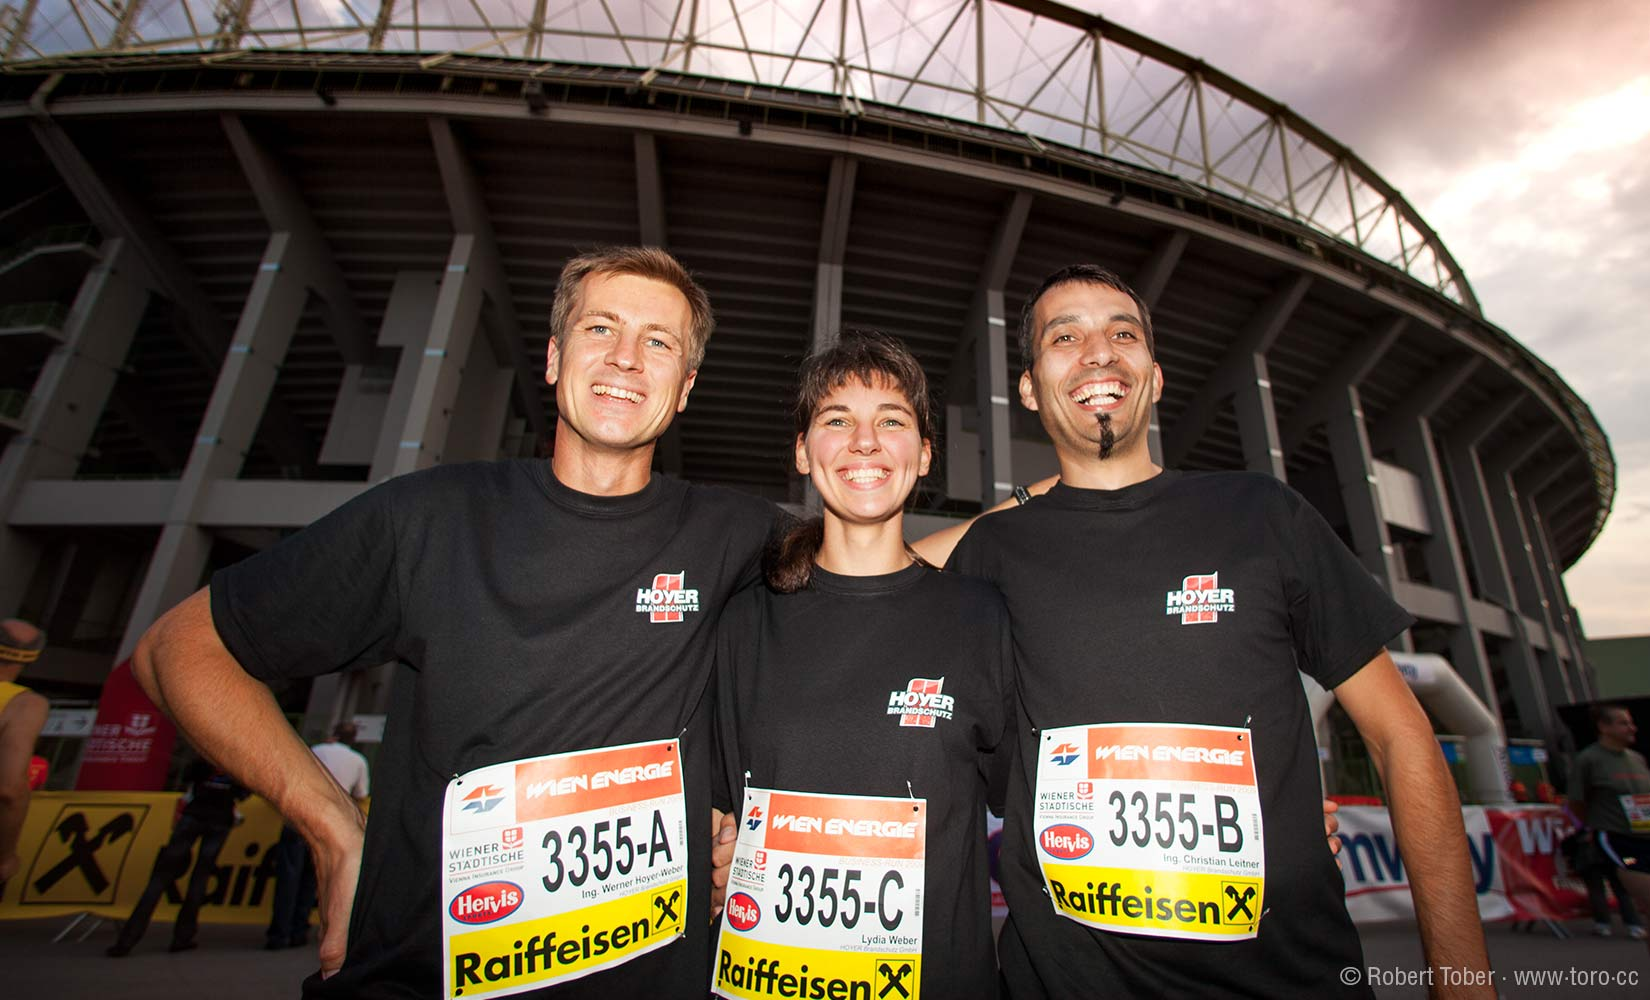 Die Laufmannschaft von Hoyer-Brandschutz posiert vor dem Ernst-Happel-Stadion © Robert Tober